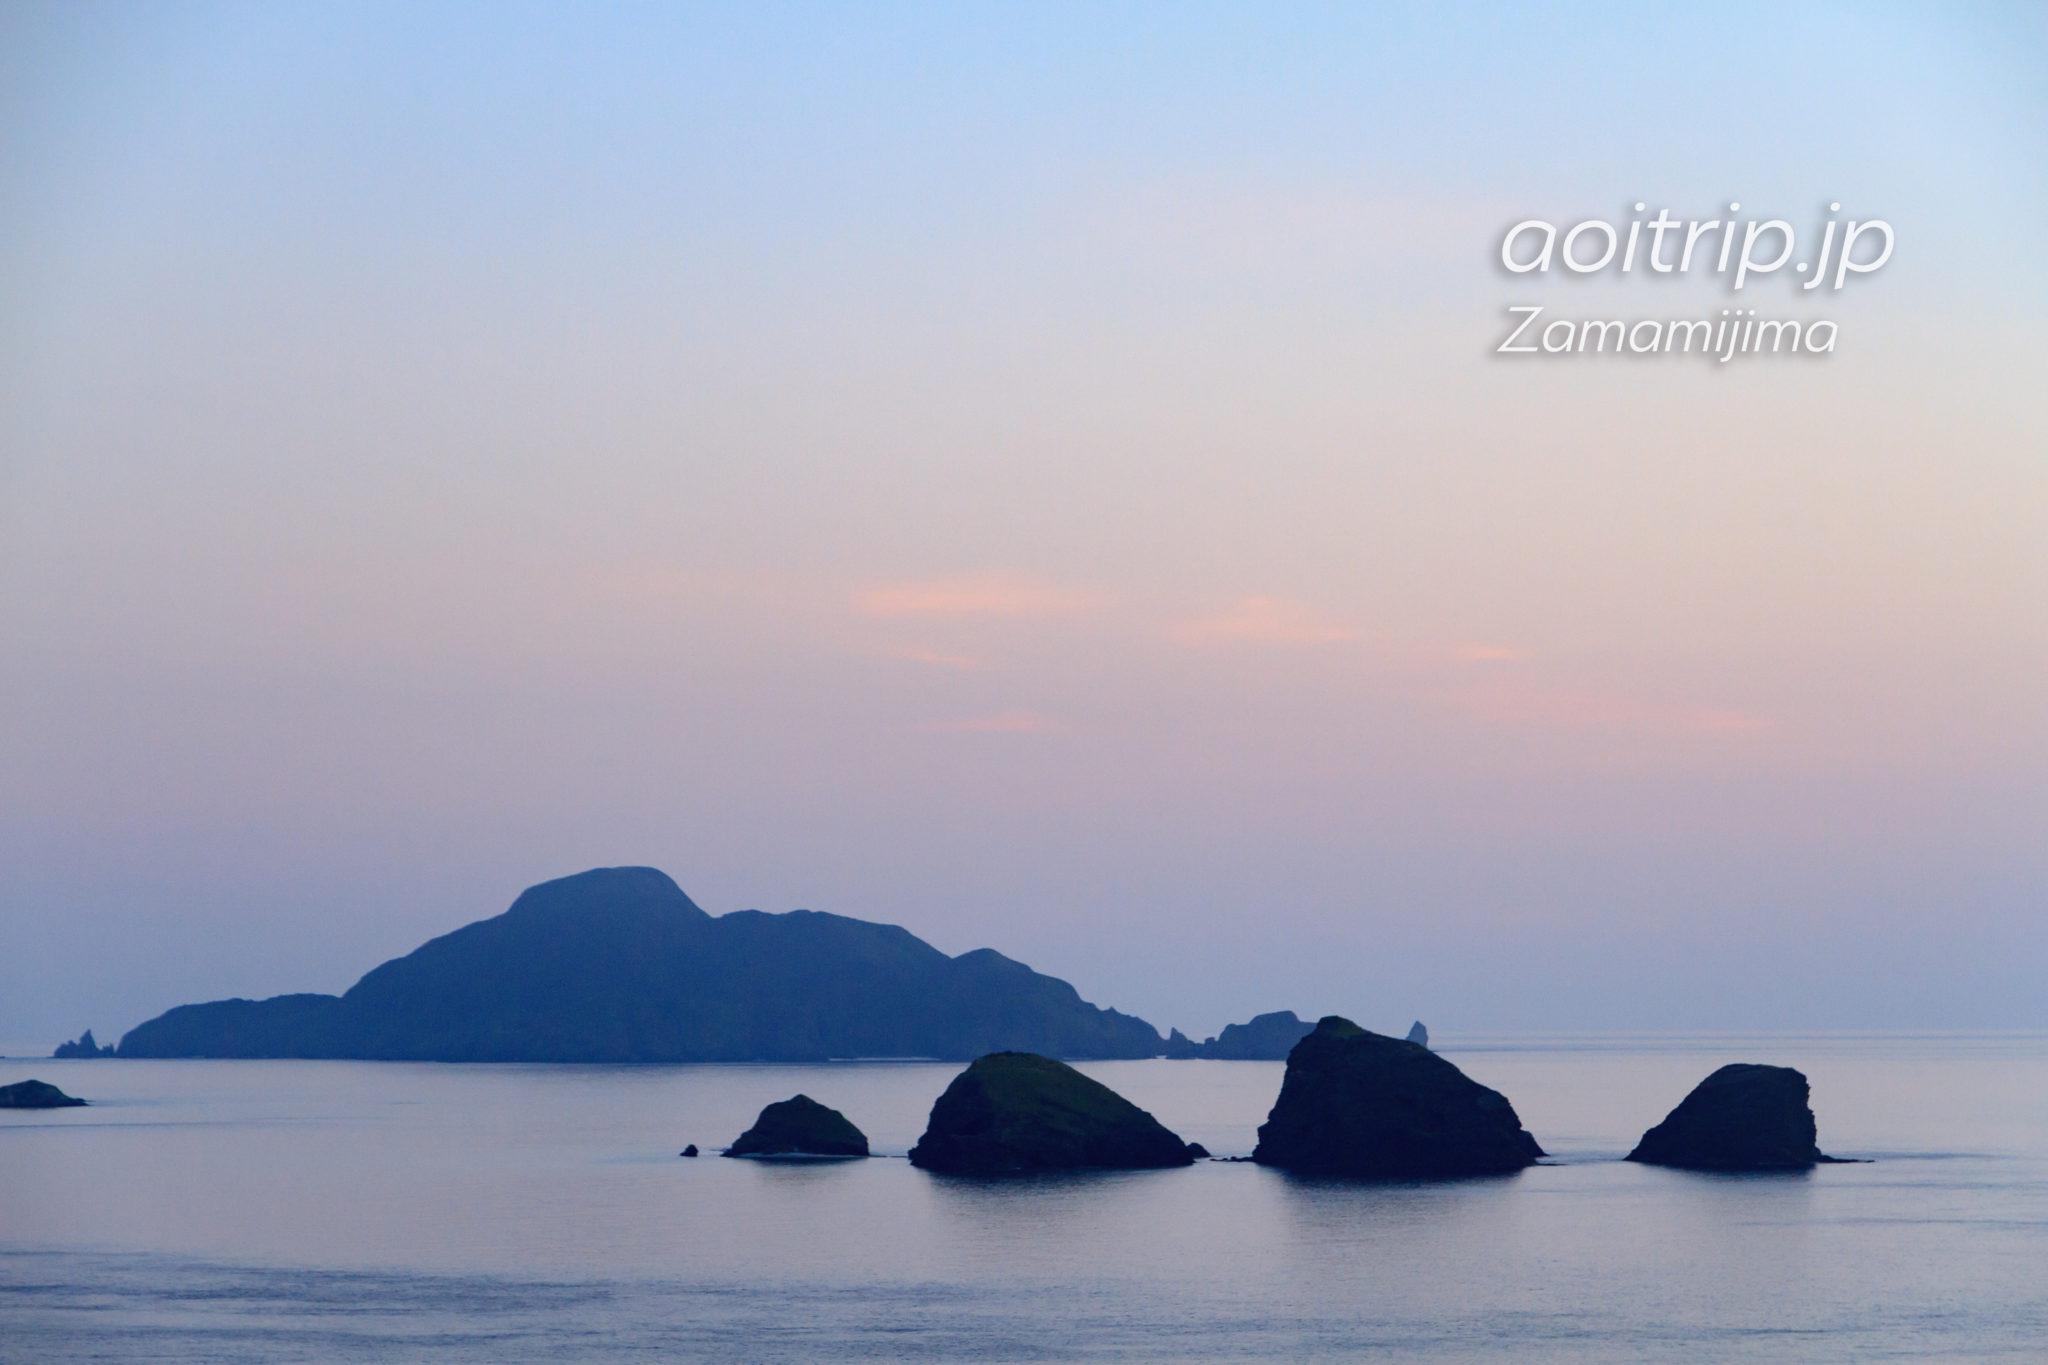 ウナジノサチ展望台から望む久場島